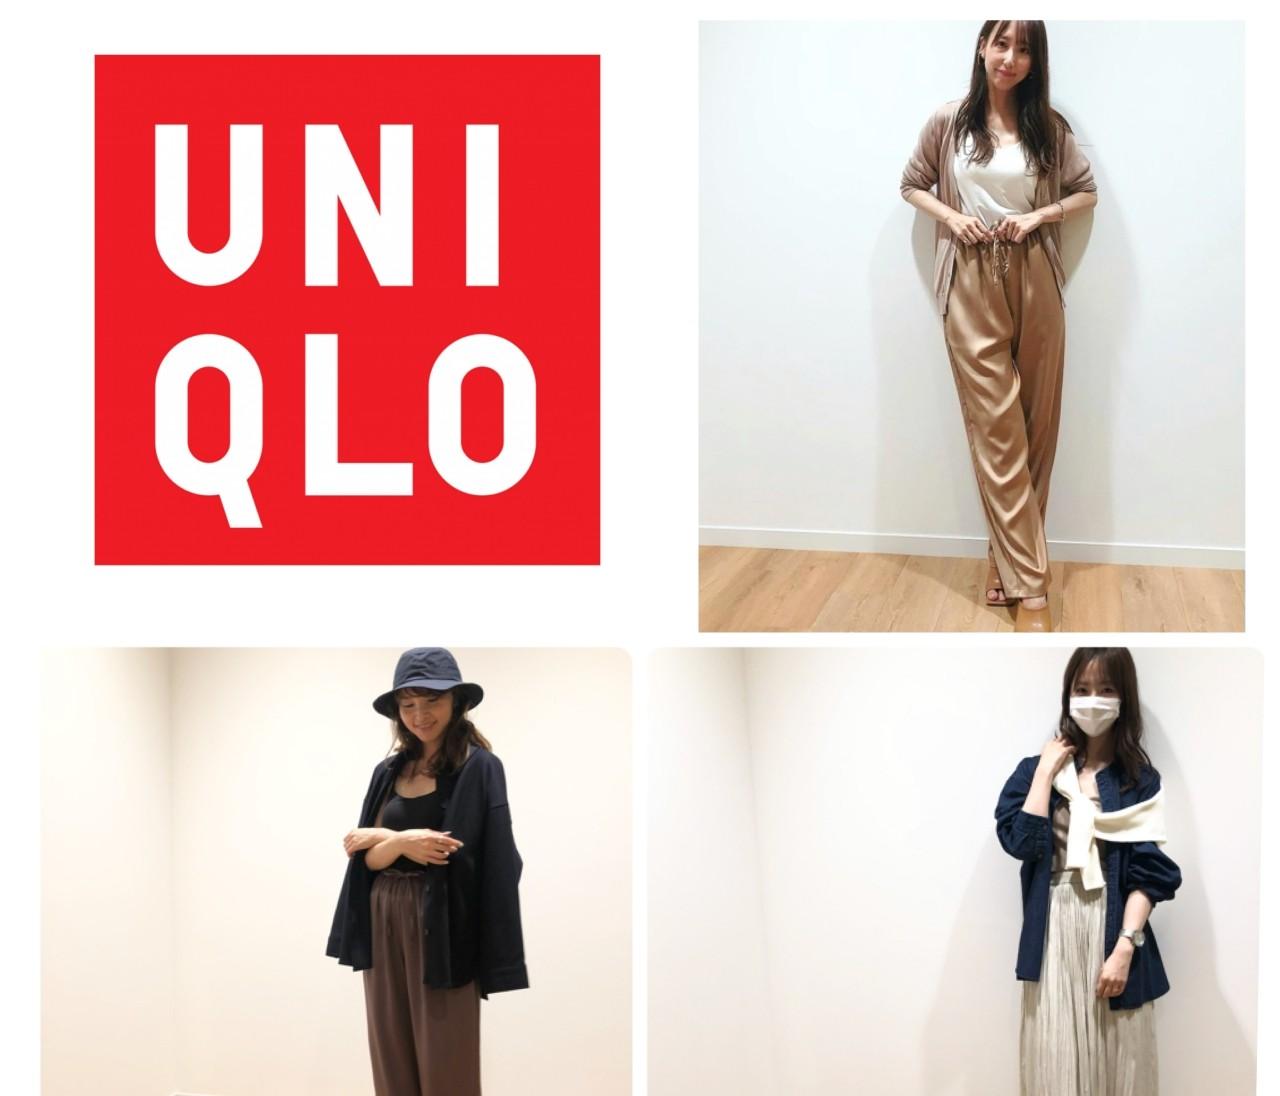 【UNIQLO(ユニクロ)】のエアリズムのブラトップをトップスに! 30代のきれいめ夏コーデまとめ